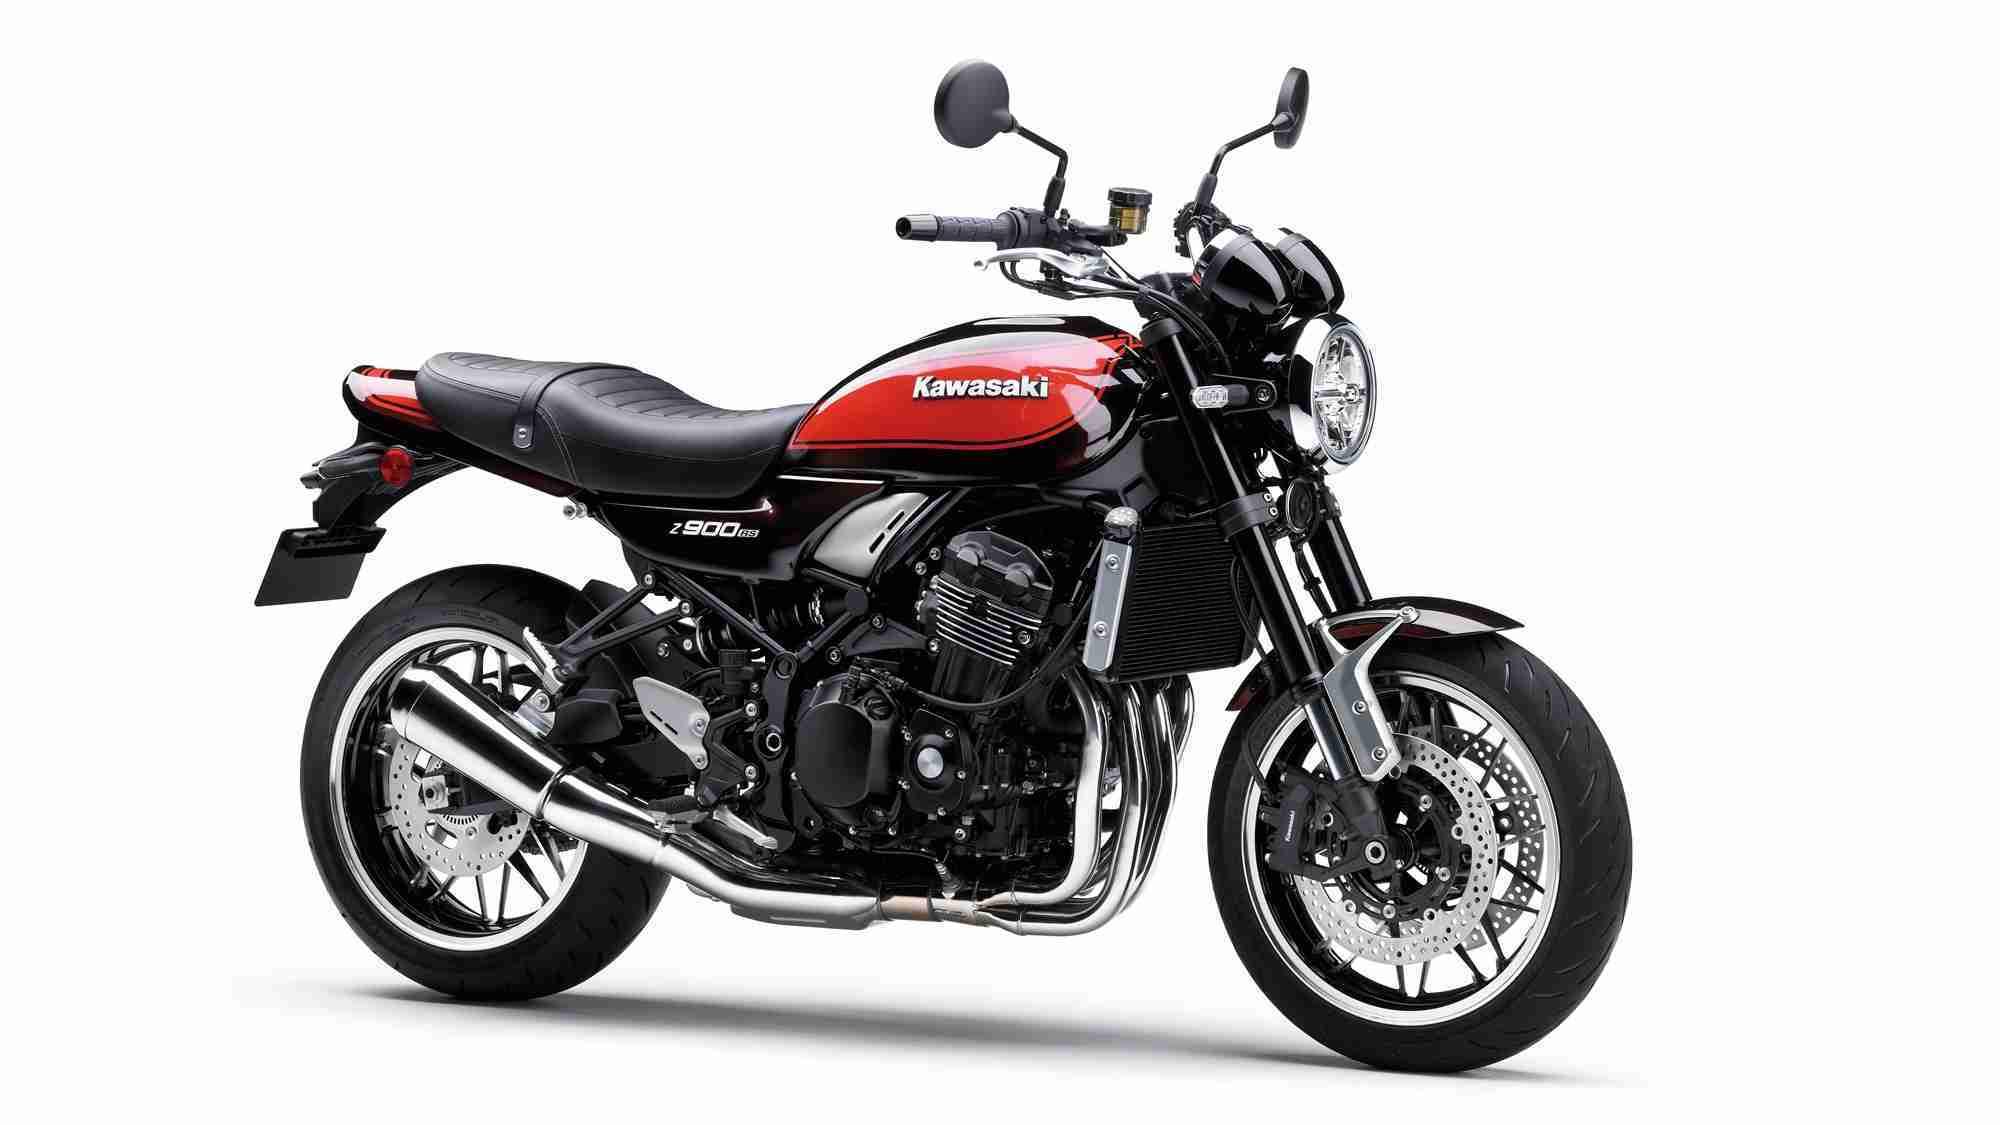 Kawasaki Z900 RS images